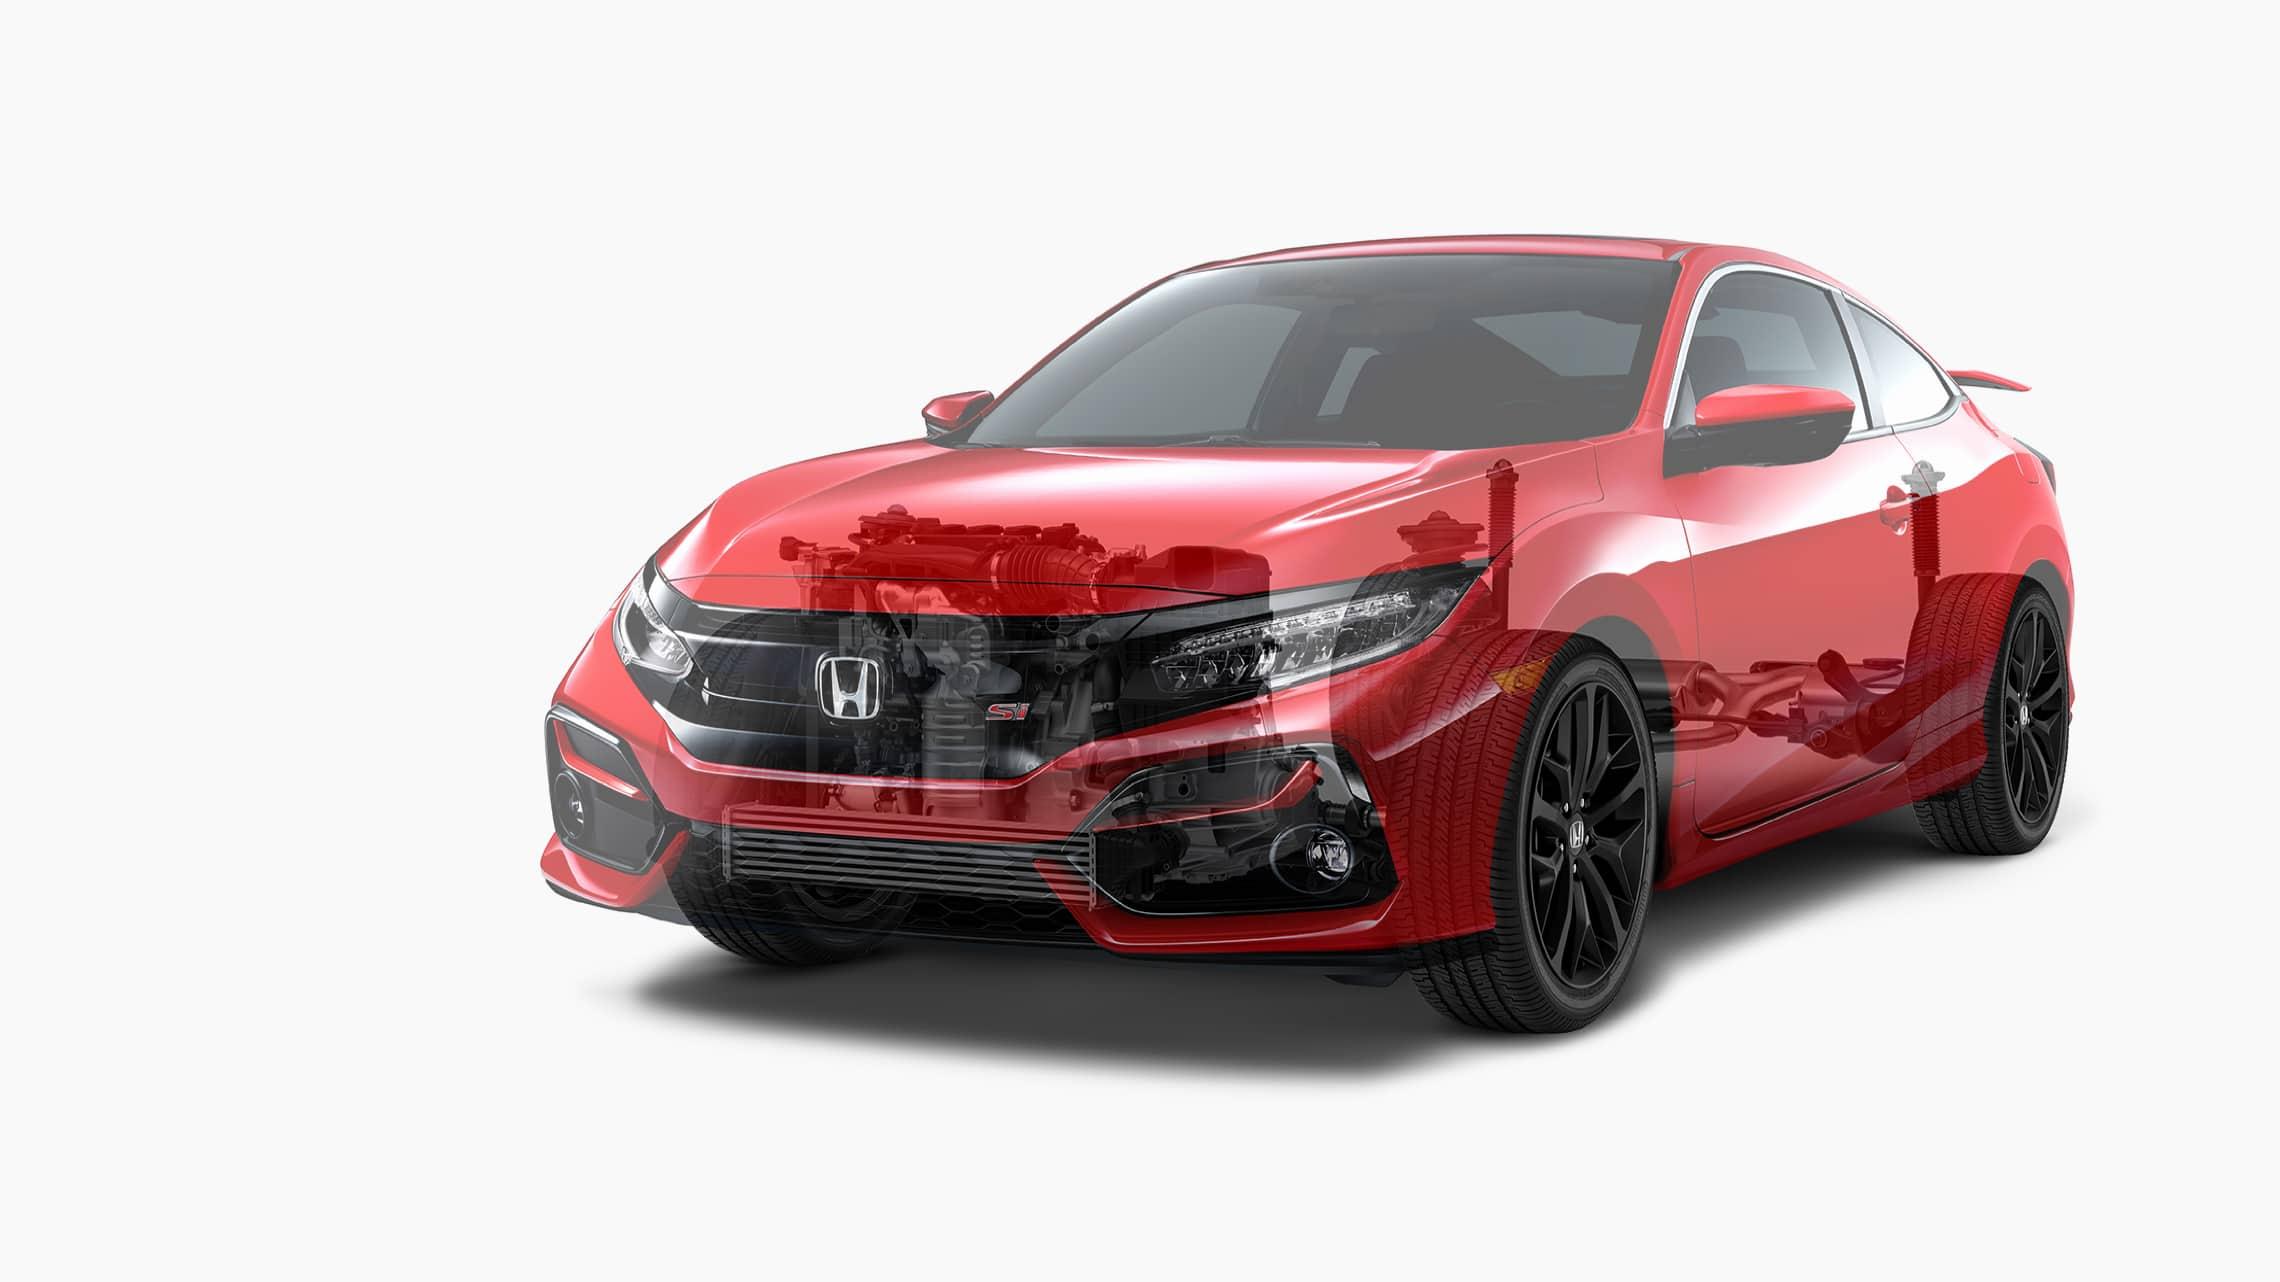 Vista frontal de 7/8 desde el lado del conductor del Honda Civic Si Coupé2020 en Rallye Red que muestra una representación del tren motriz y del sistema de suspensión adaptativa.